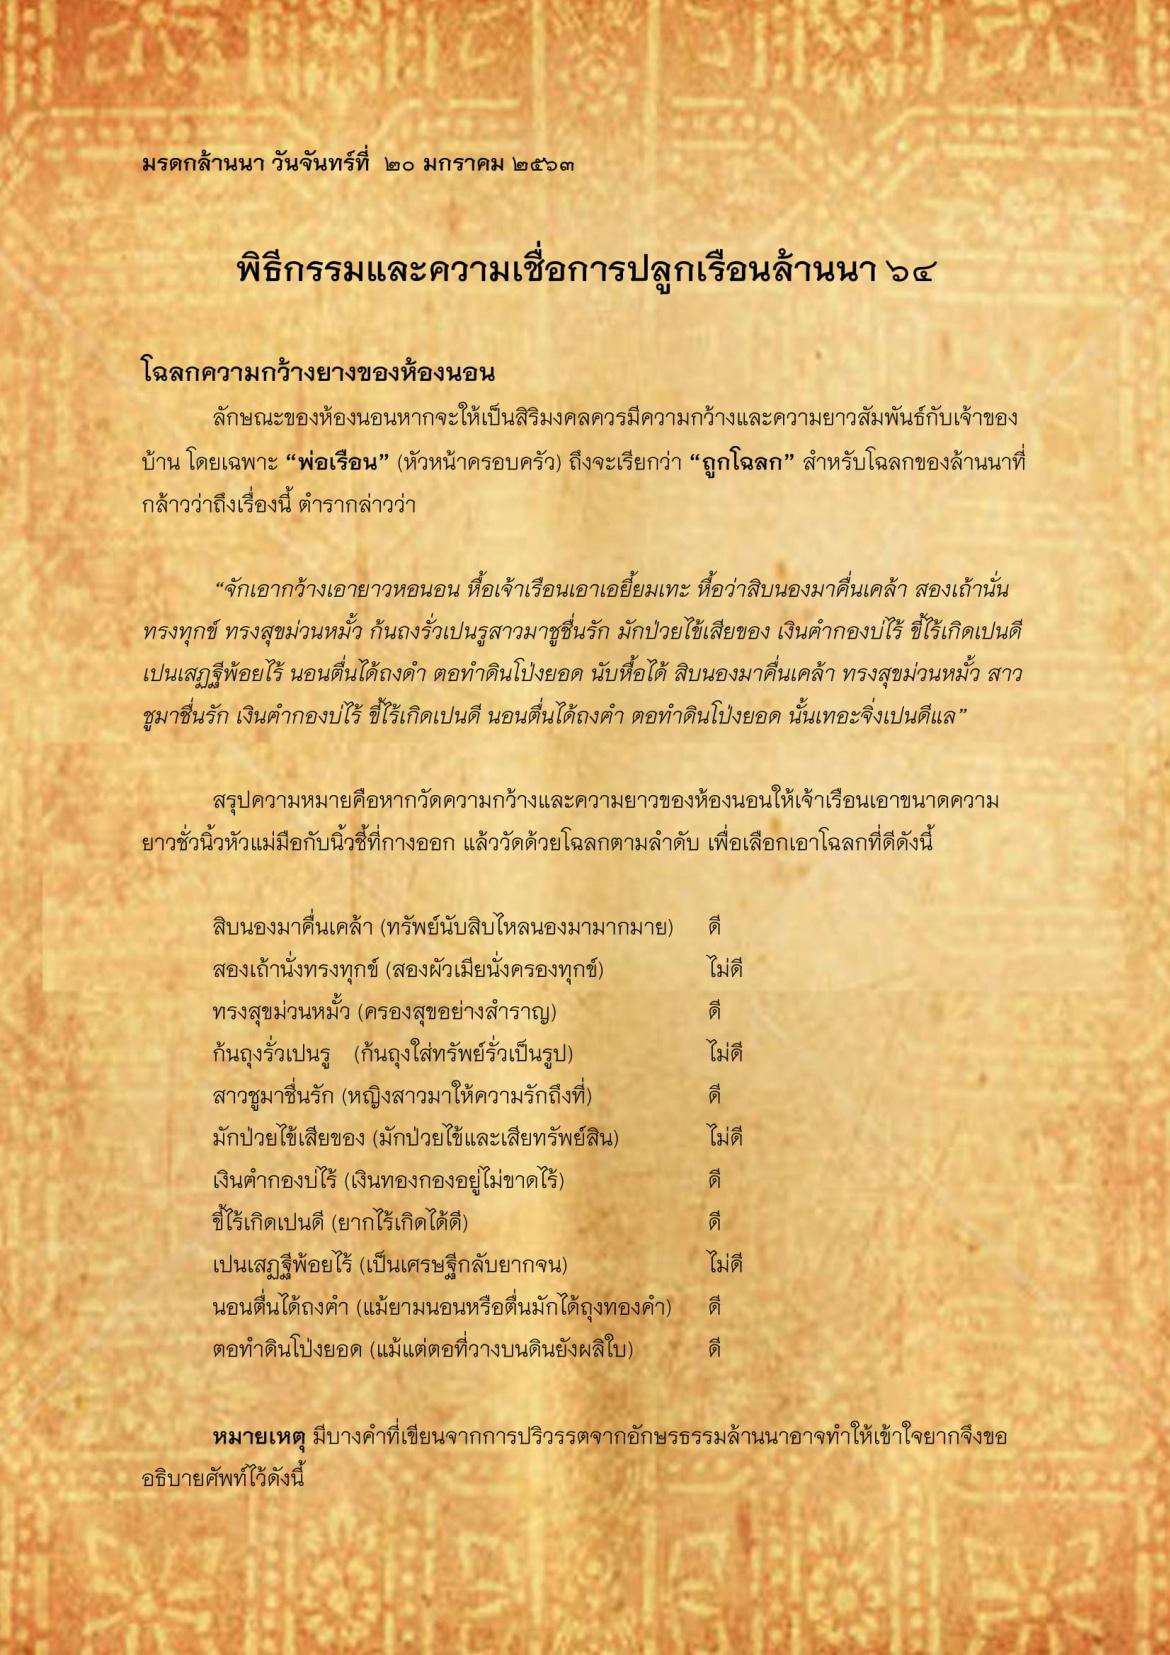 พิธีกรรมเเละความเชื่อการปลูกเรือนล้านนา(64) - 20 มกราคม 2563